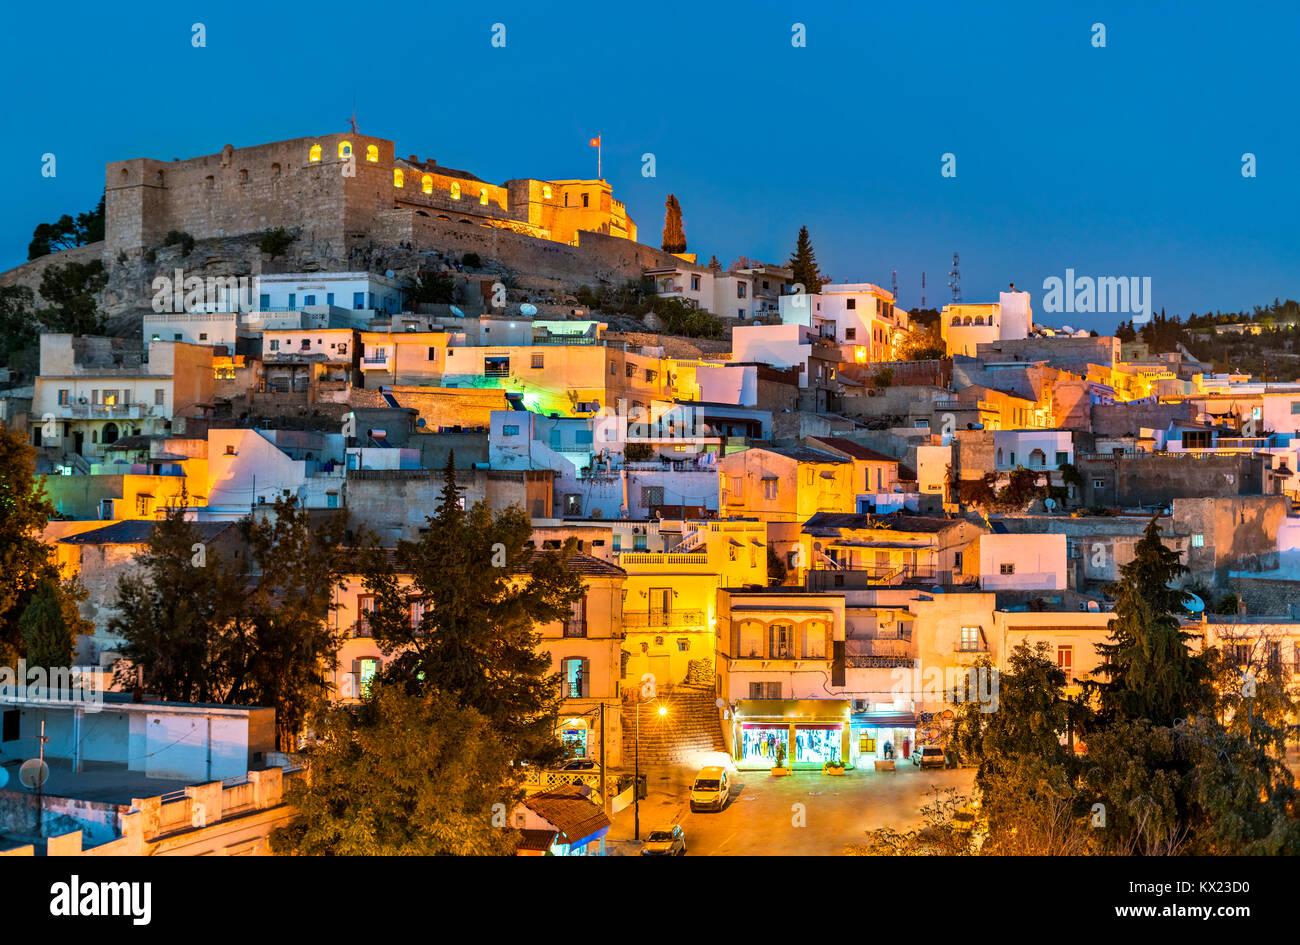 Skyline notturno di EL KEF, una città nel nord della Tunisia Immagini Stock